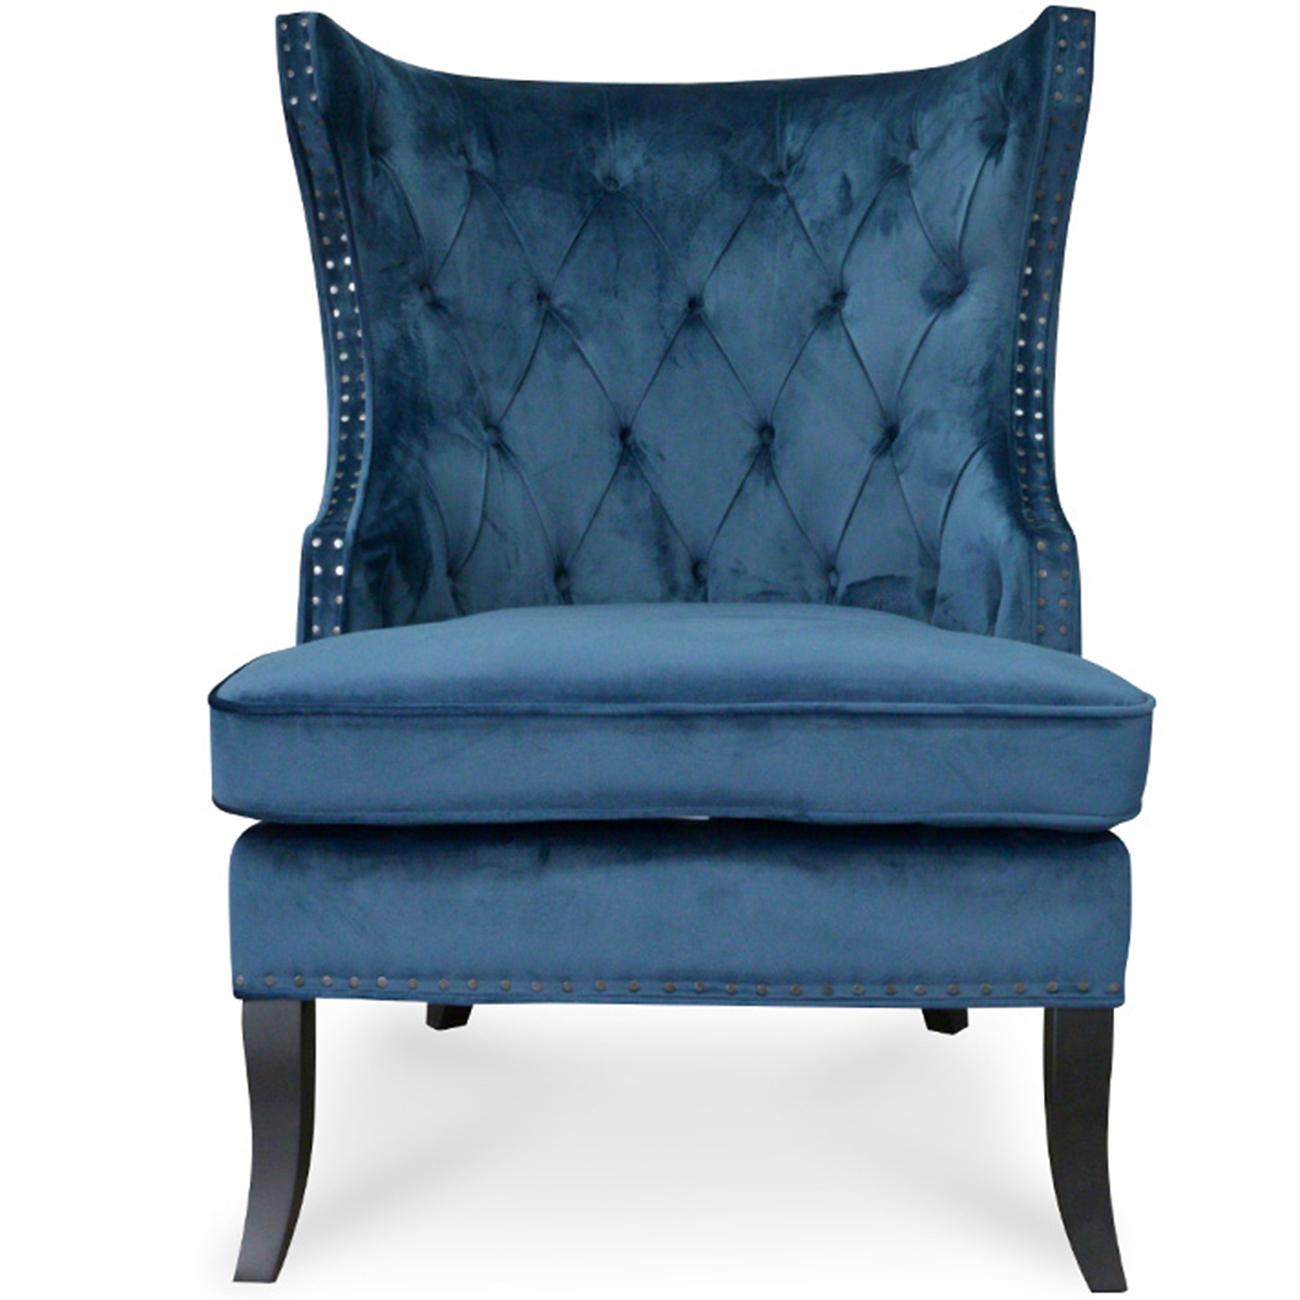 New Navy Blue Studded Nathaniel Velvet Armchair Harper